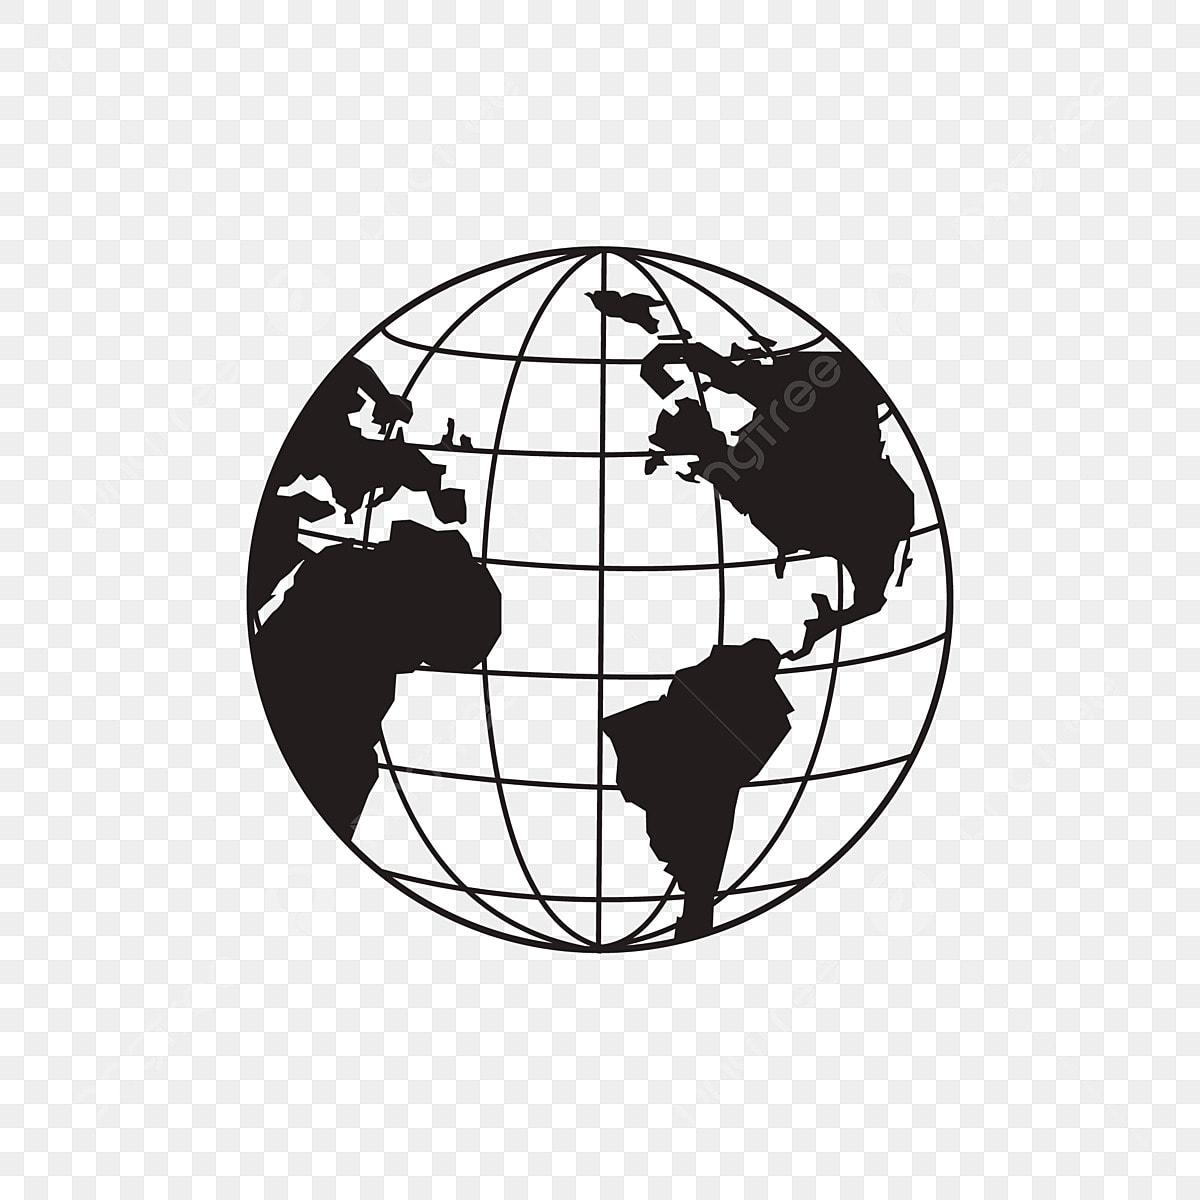 الكرة الارضية Png المتجهات Psd قصاصة فنية تحميل مجاني Pngtree